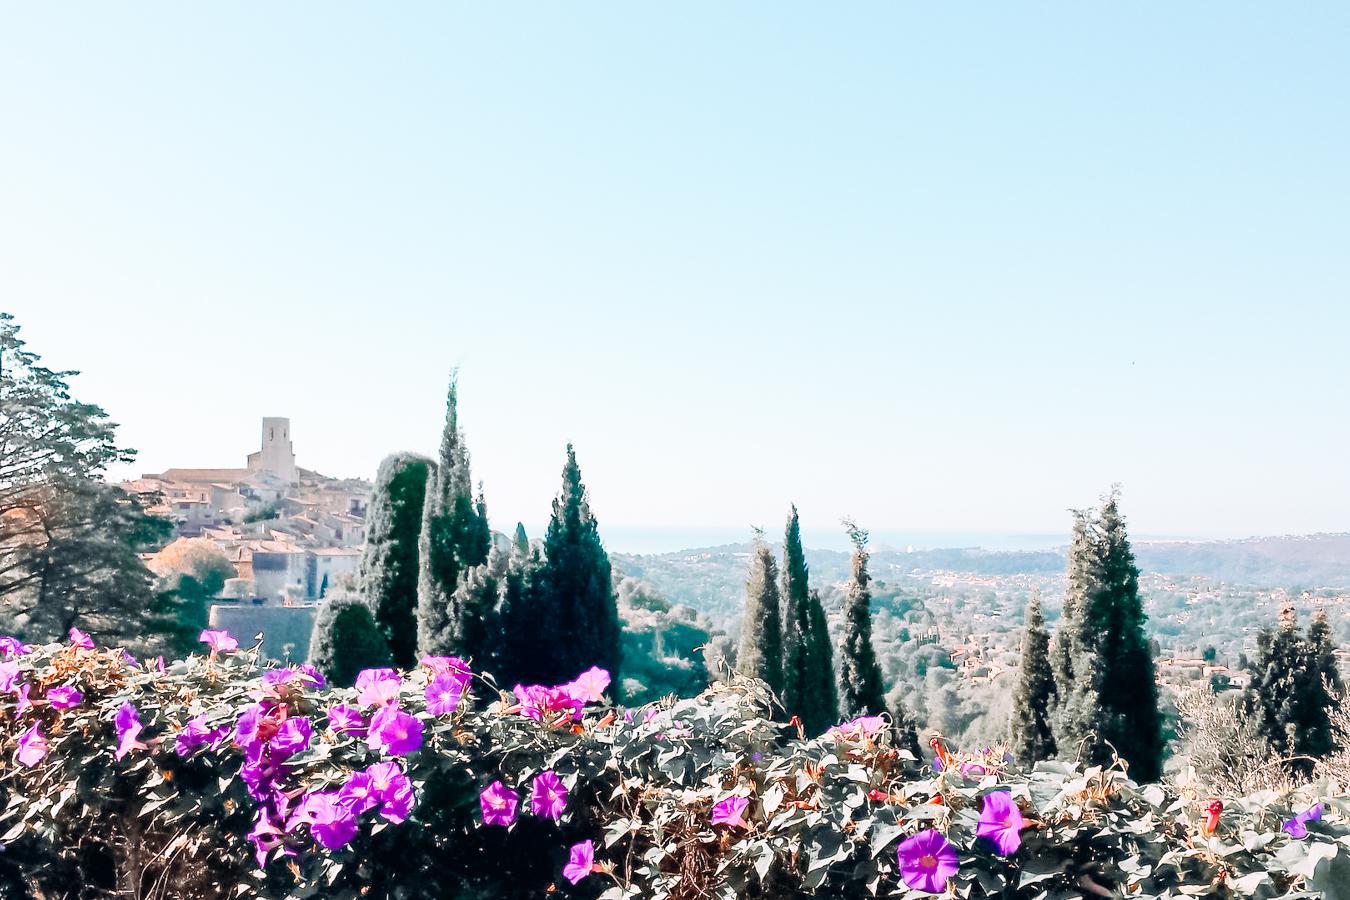 View of St Paul de Vence